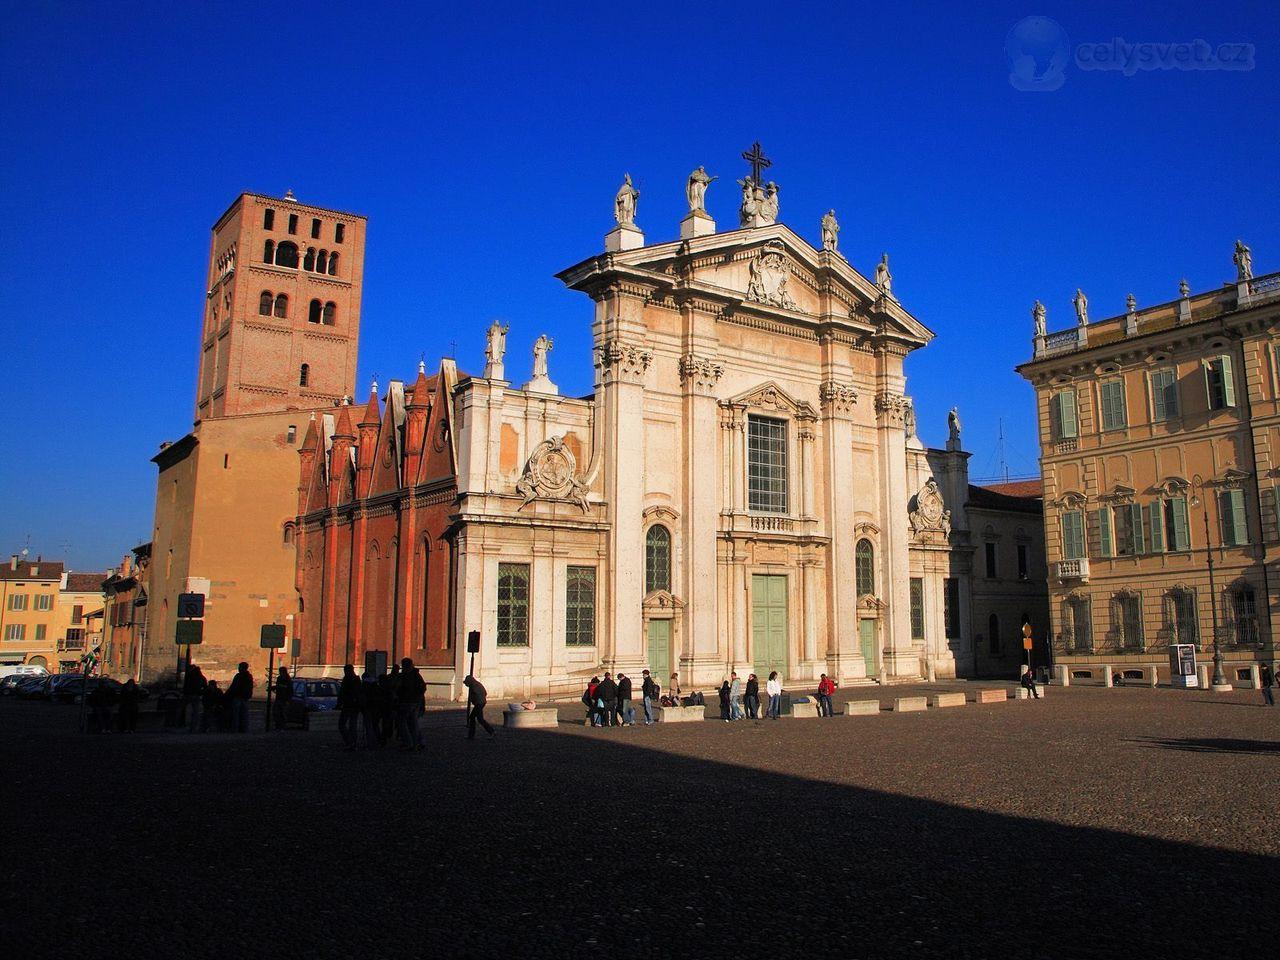 Piazza sordello for Piazza sordello